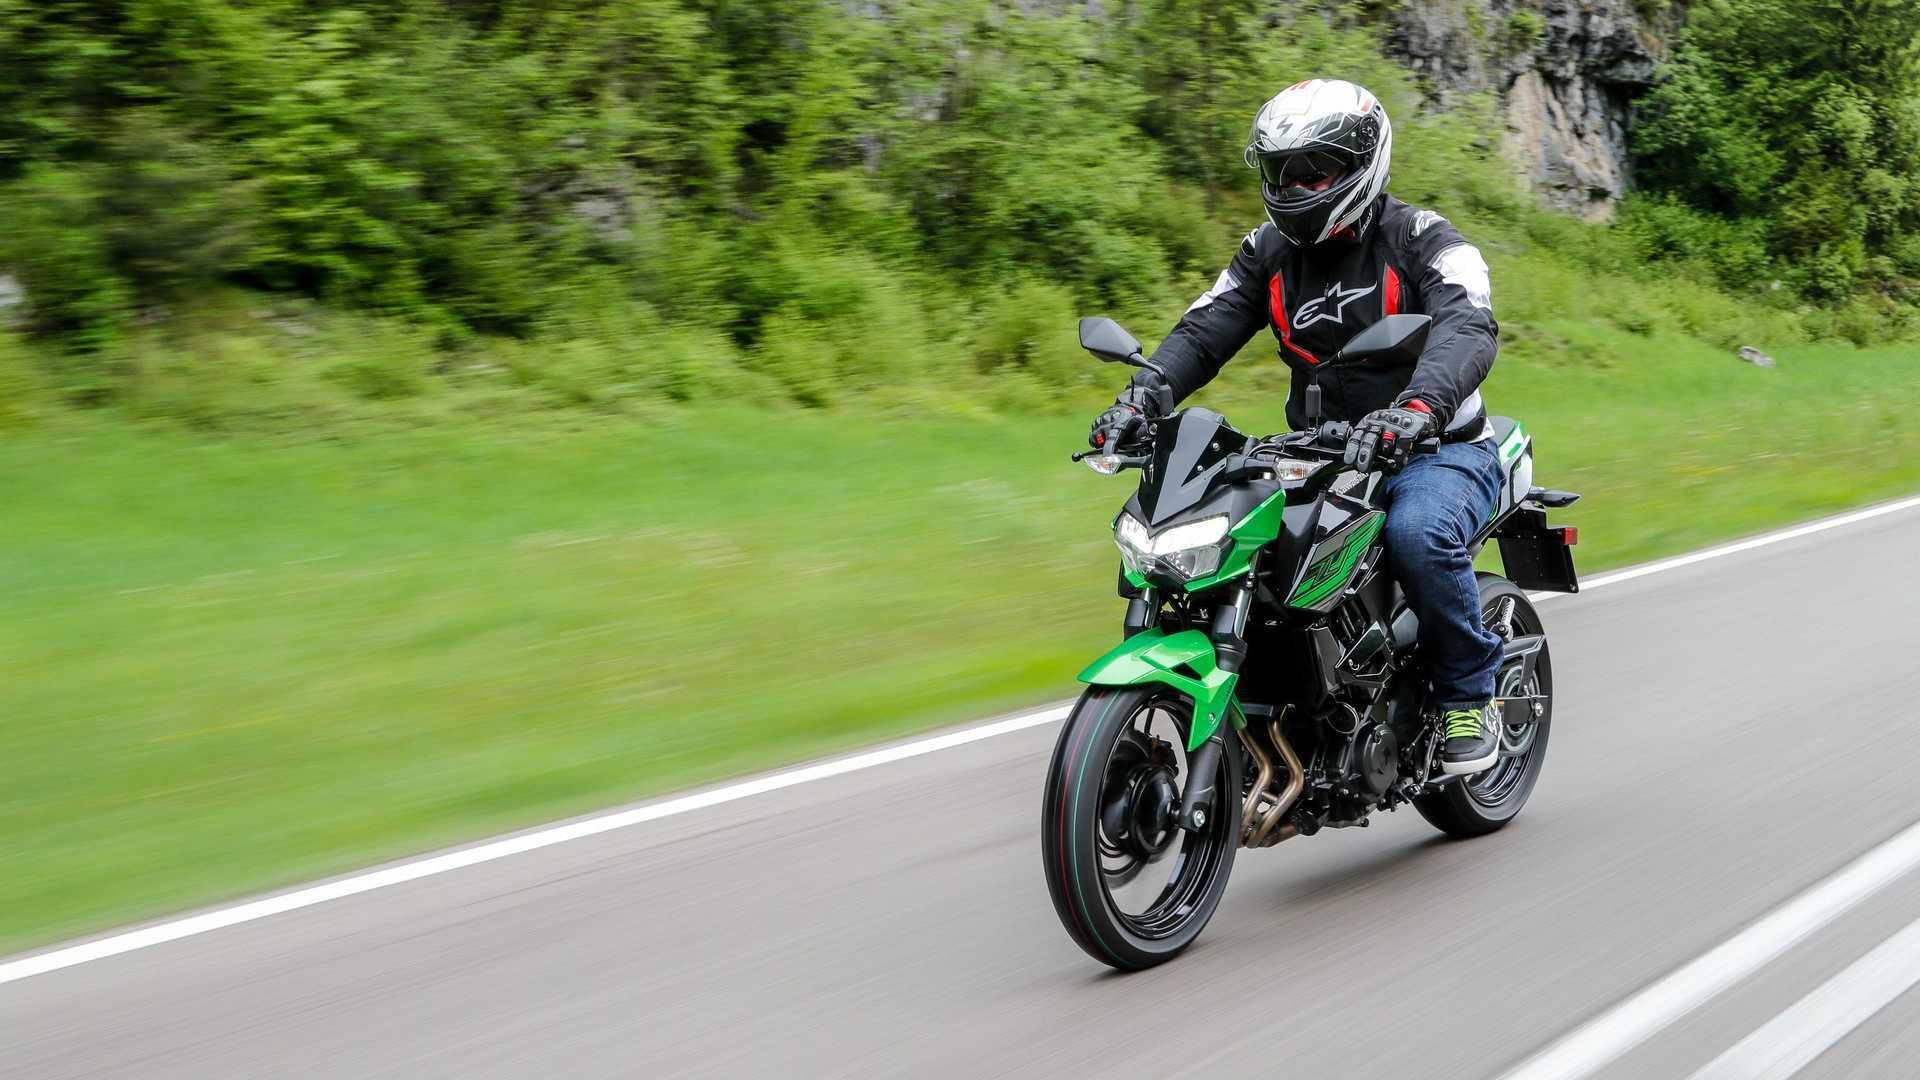 Lançamentos: 10 motos que chegam ao Brasil em 2019 - UOL